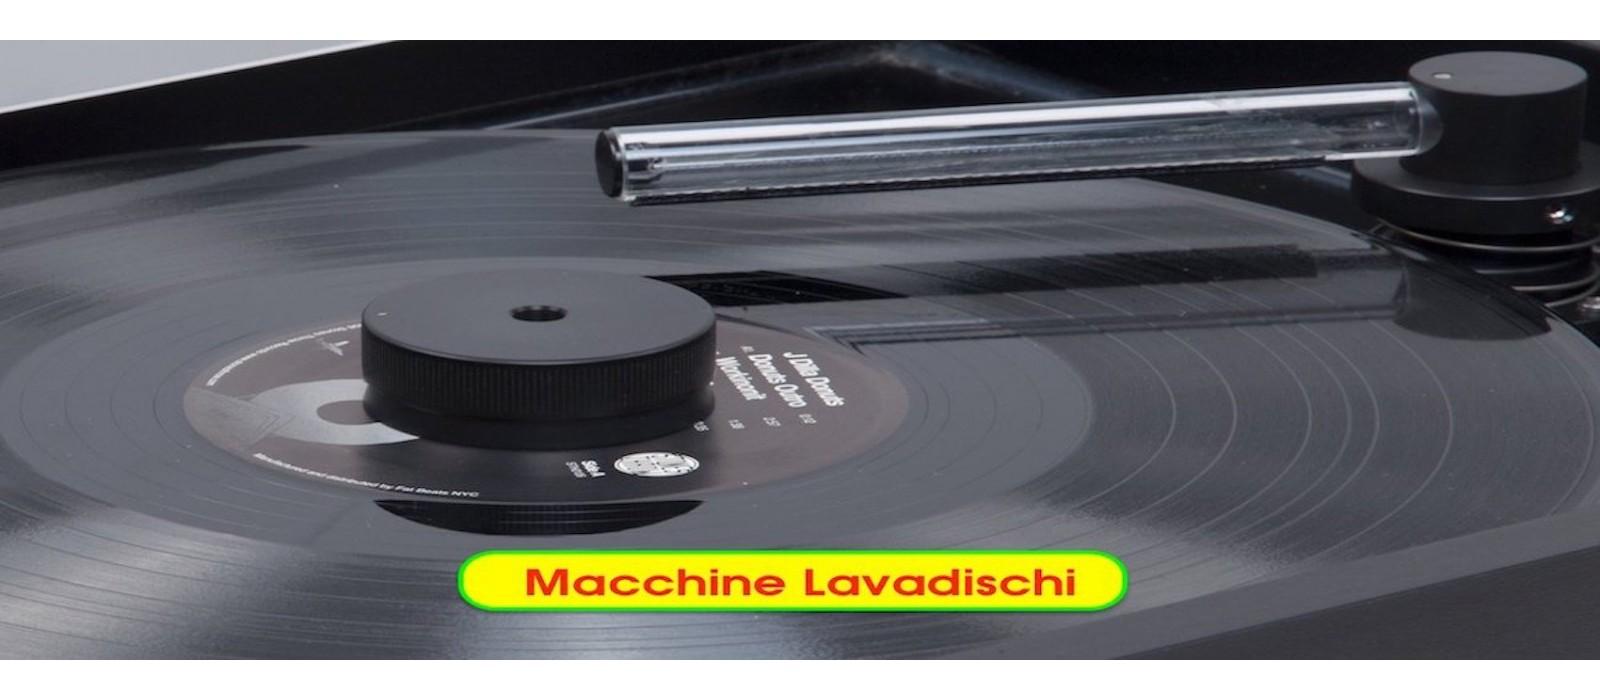 Macchine lavadischi